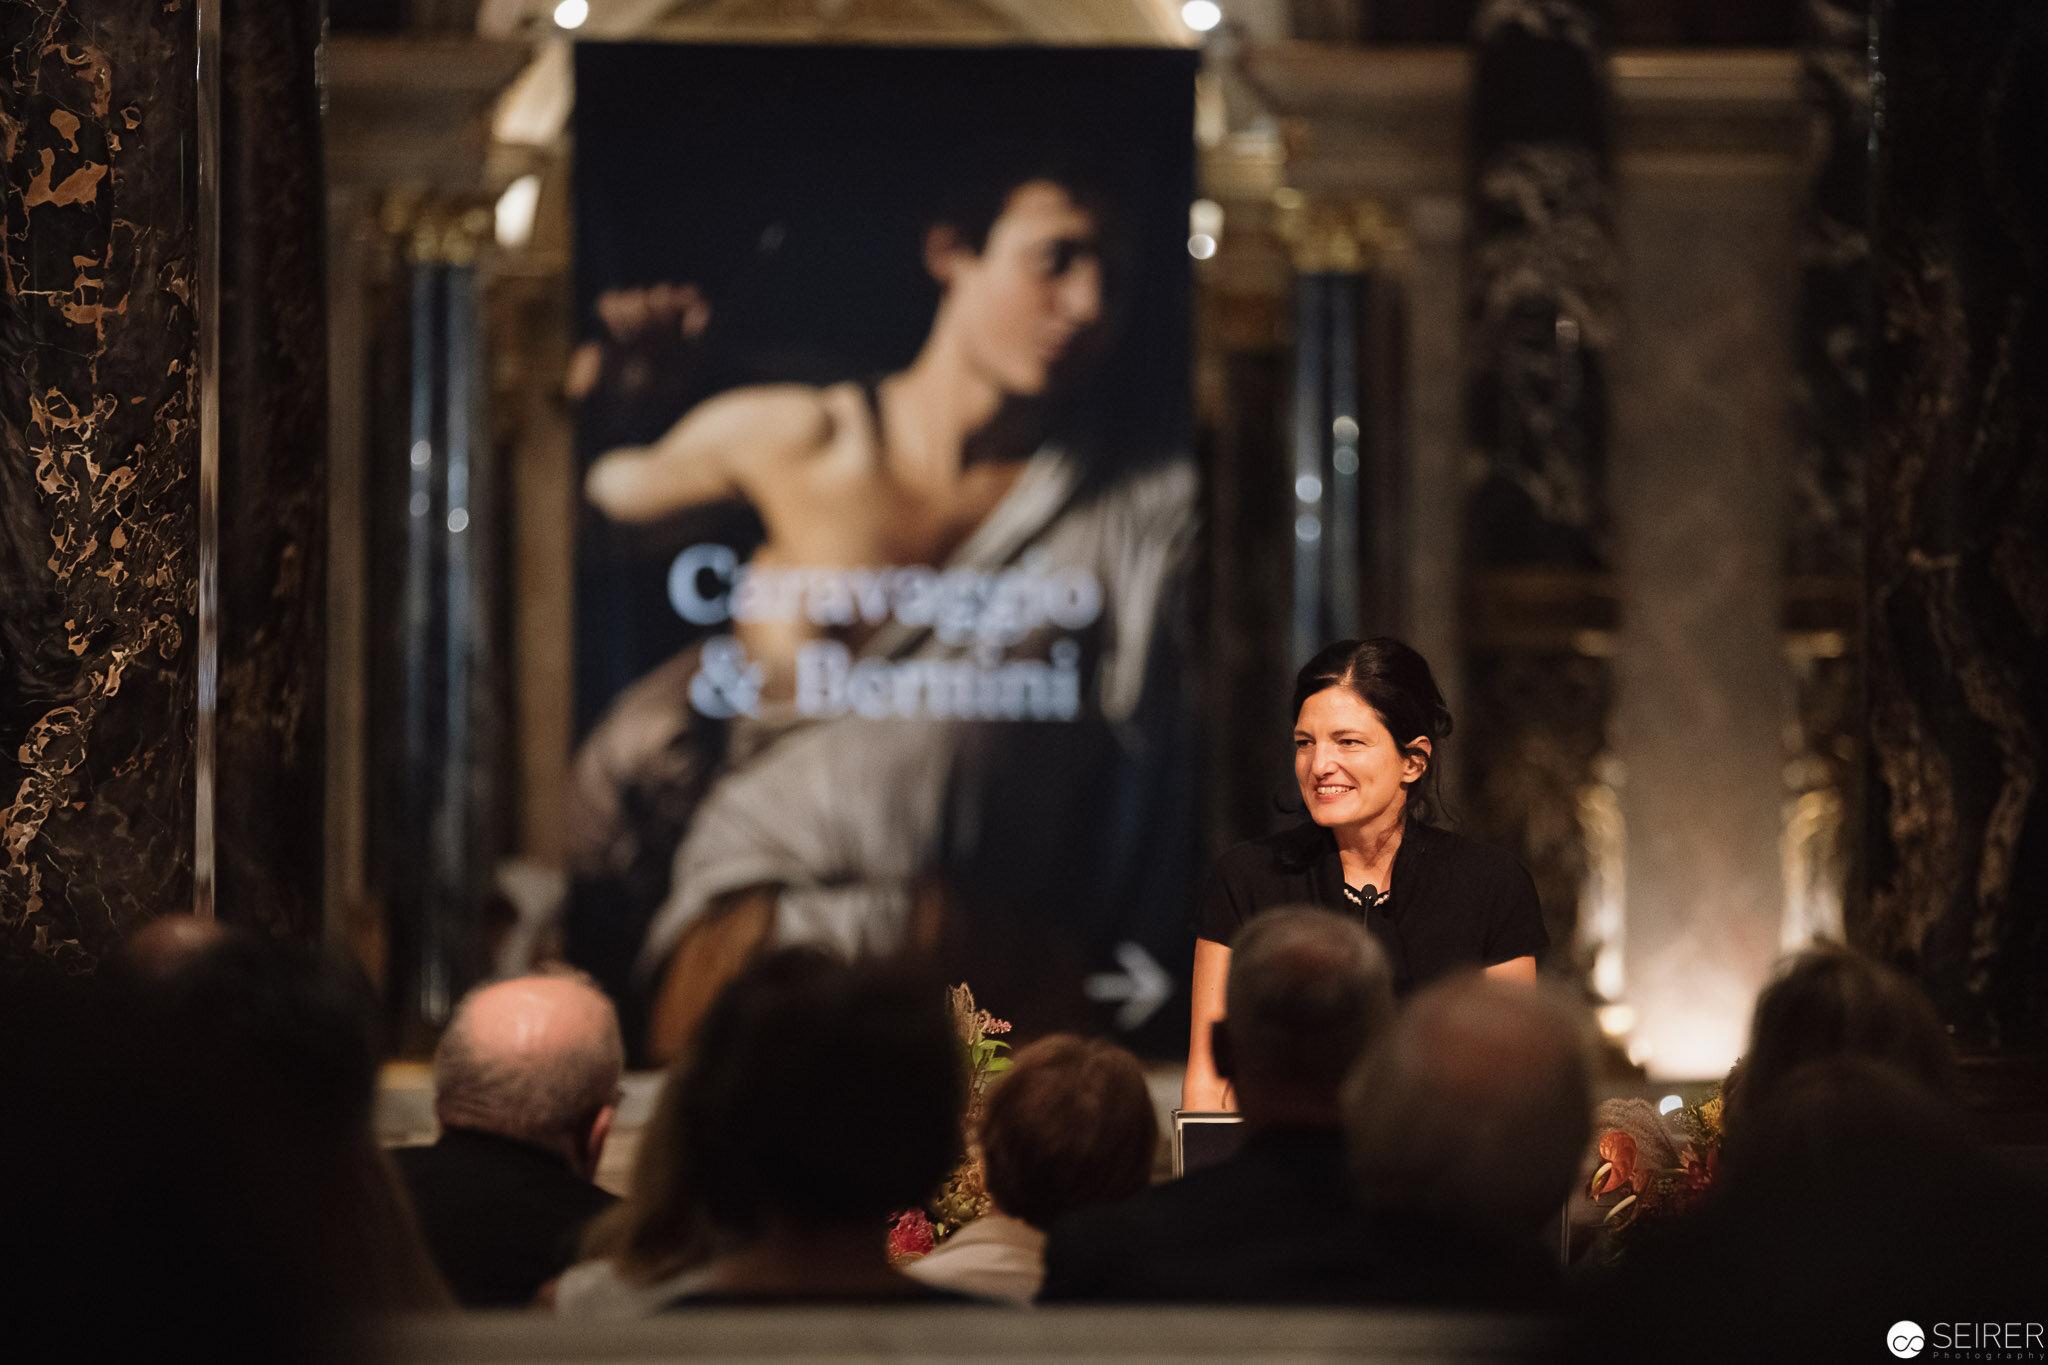 Gudrun Swoboda, die Leiterin des Kuratorenteams rund um die Ausstellung